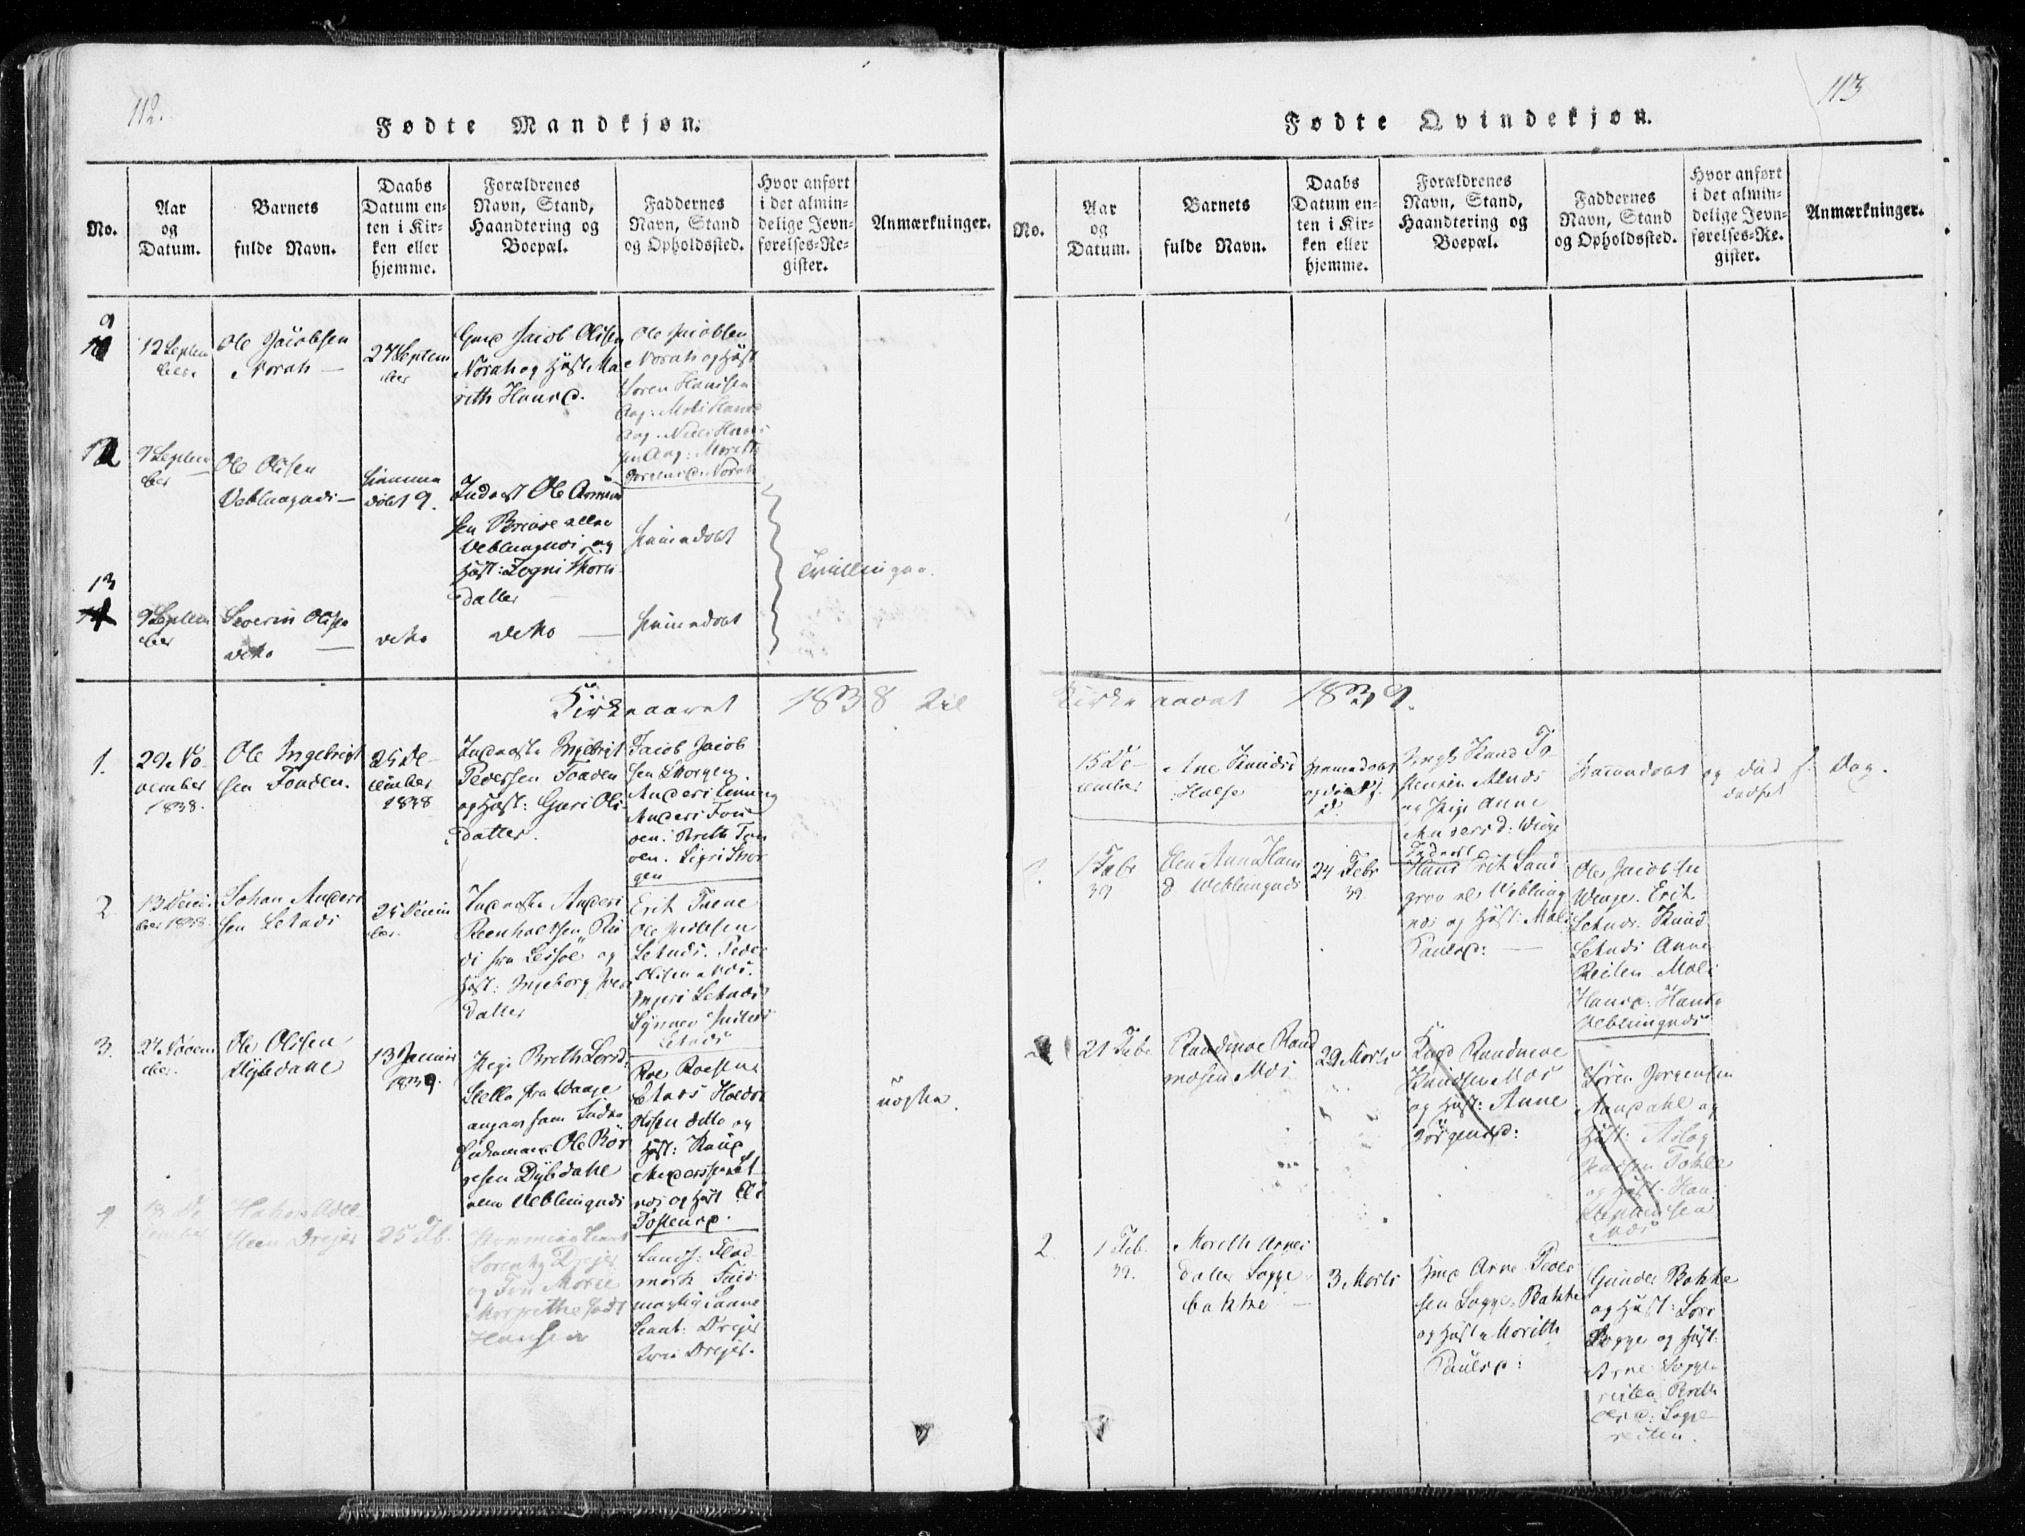 SAT, Ministerialprotokoller, klokkerbøker og fødselsregistre - Møre og Romsdal, 544/L0571: Ministerialbok nr. 544A04, 1818-1853, s. 112-113